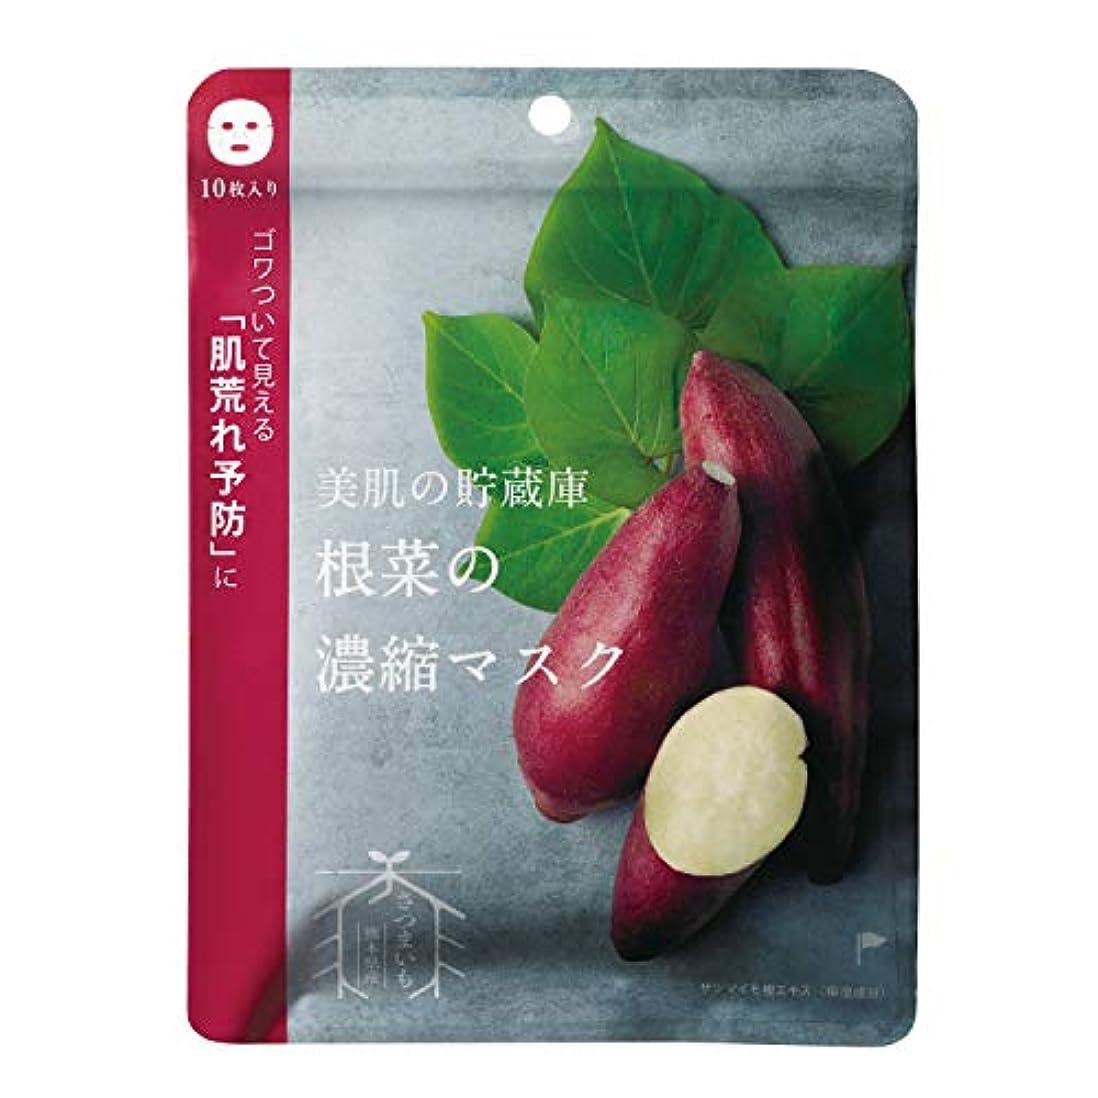 ルームナイトスポット一貫した@cosme nippon 美肌の貯蔵庫 根菜の濃縮マスク 安納いも 10枚 160ml